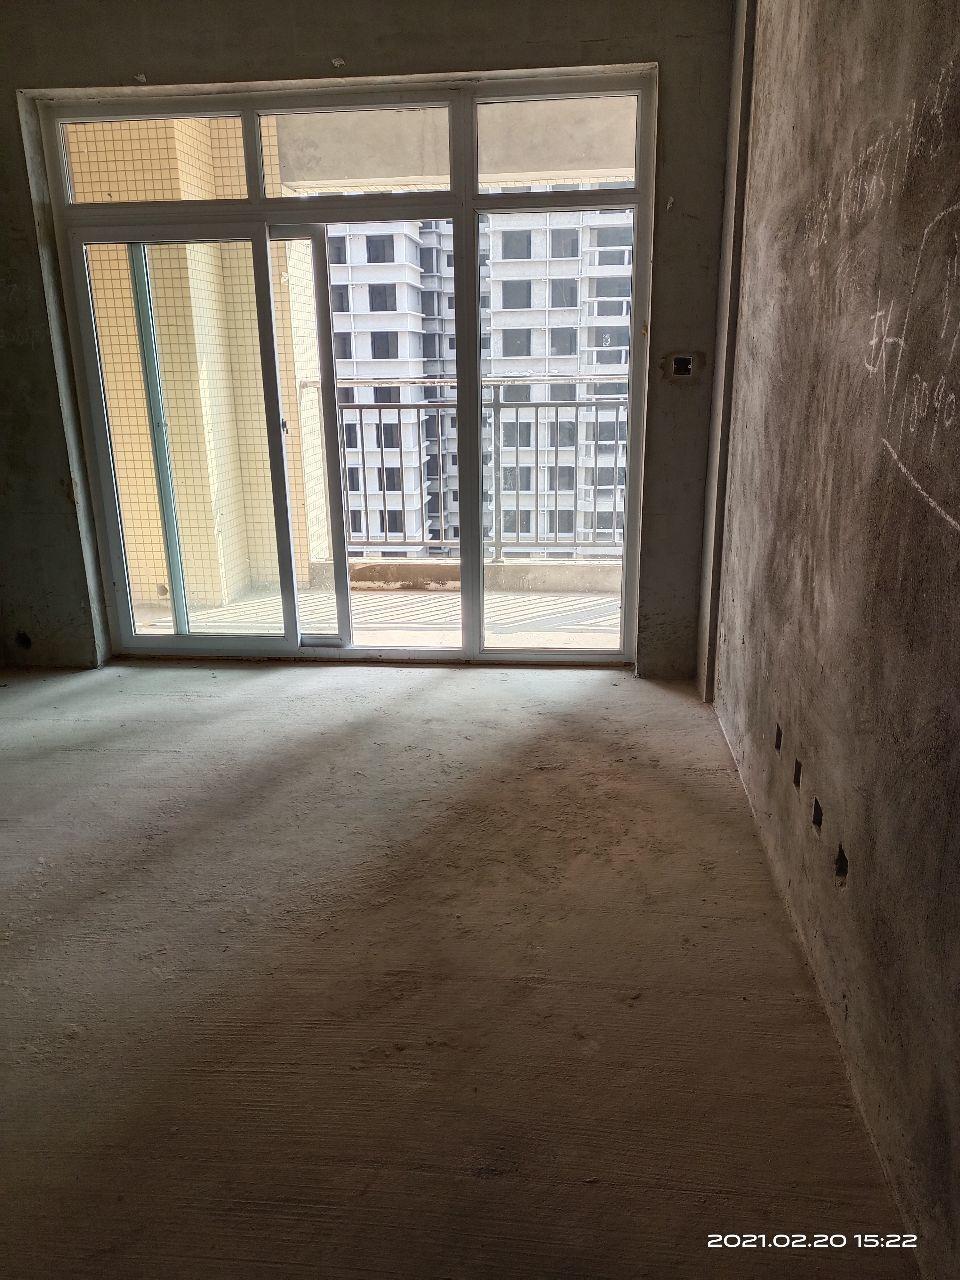 出租3室2厅2卫96平米800元/月住宅